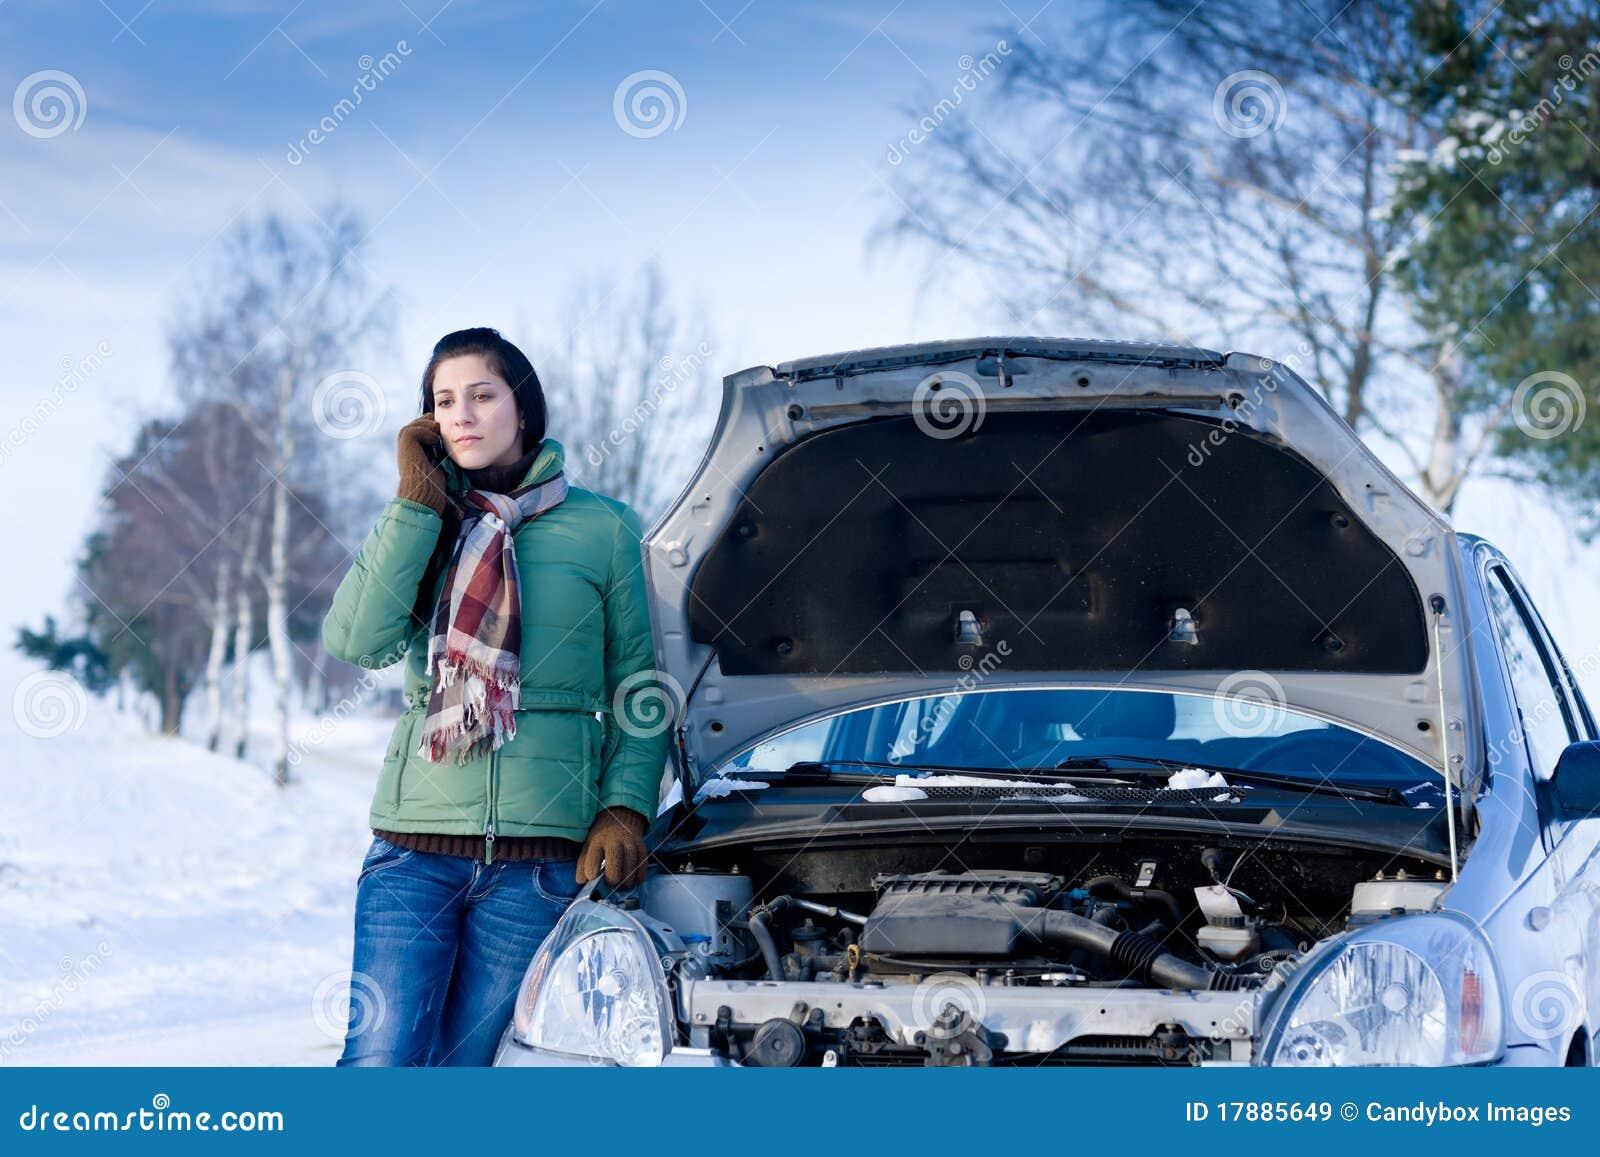 Winterautozusammenbruch - Frauenrufen um Hilfe